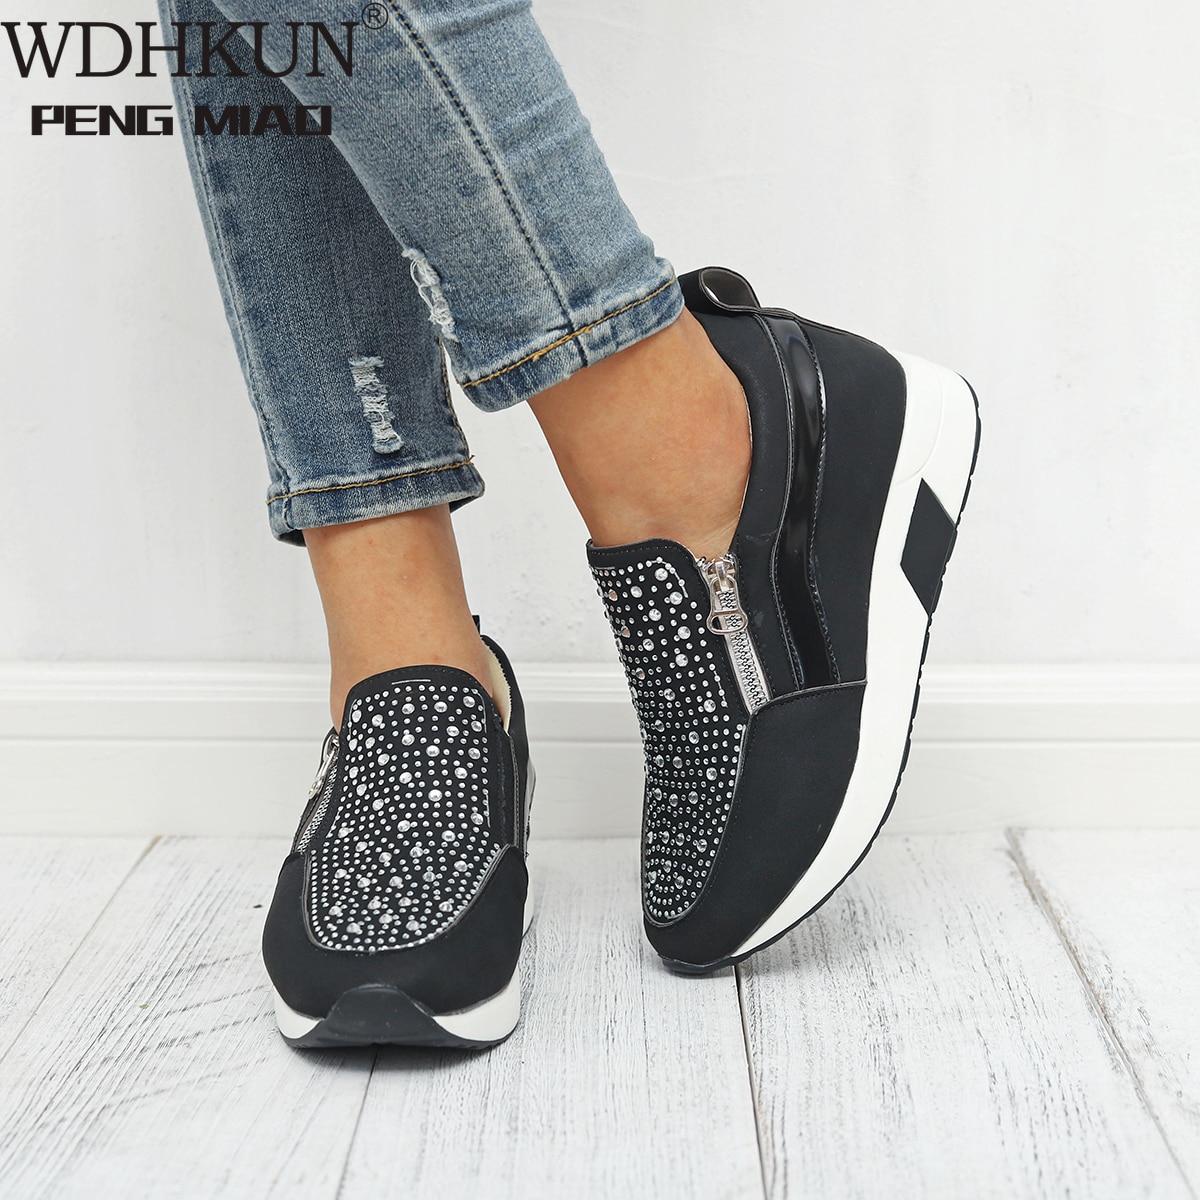 WDHKUN Sneakers 2019 Women Shoes High Black White Pink Women Sneakers For Women Outdoor Sports New Rhinestone Female Sneaker